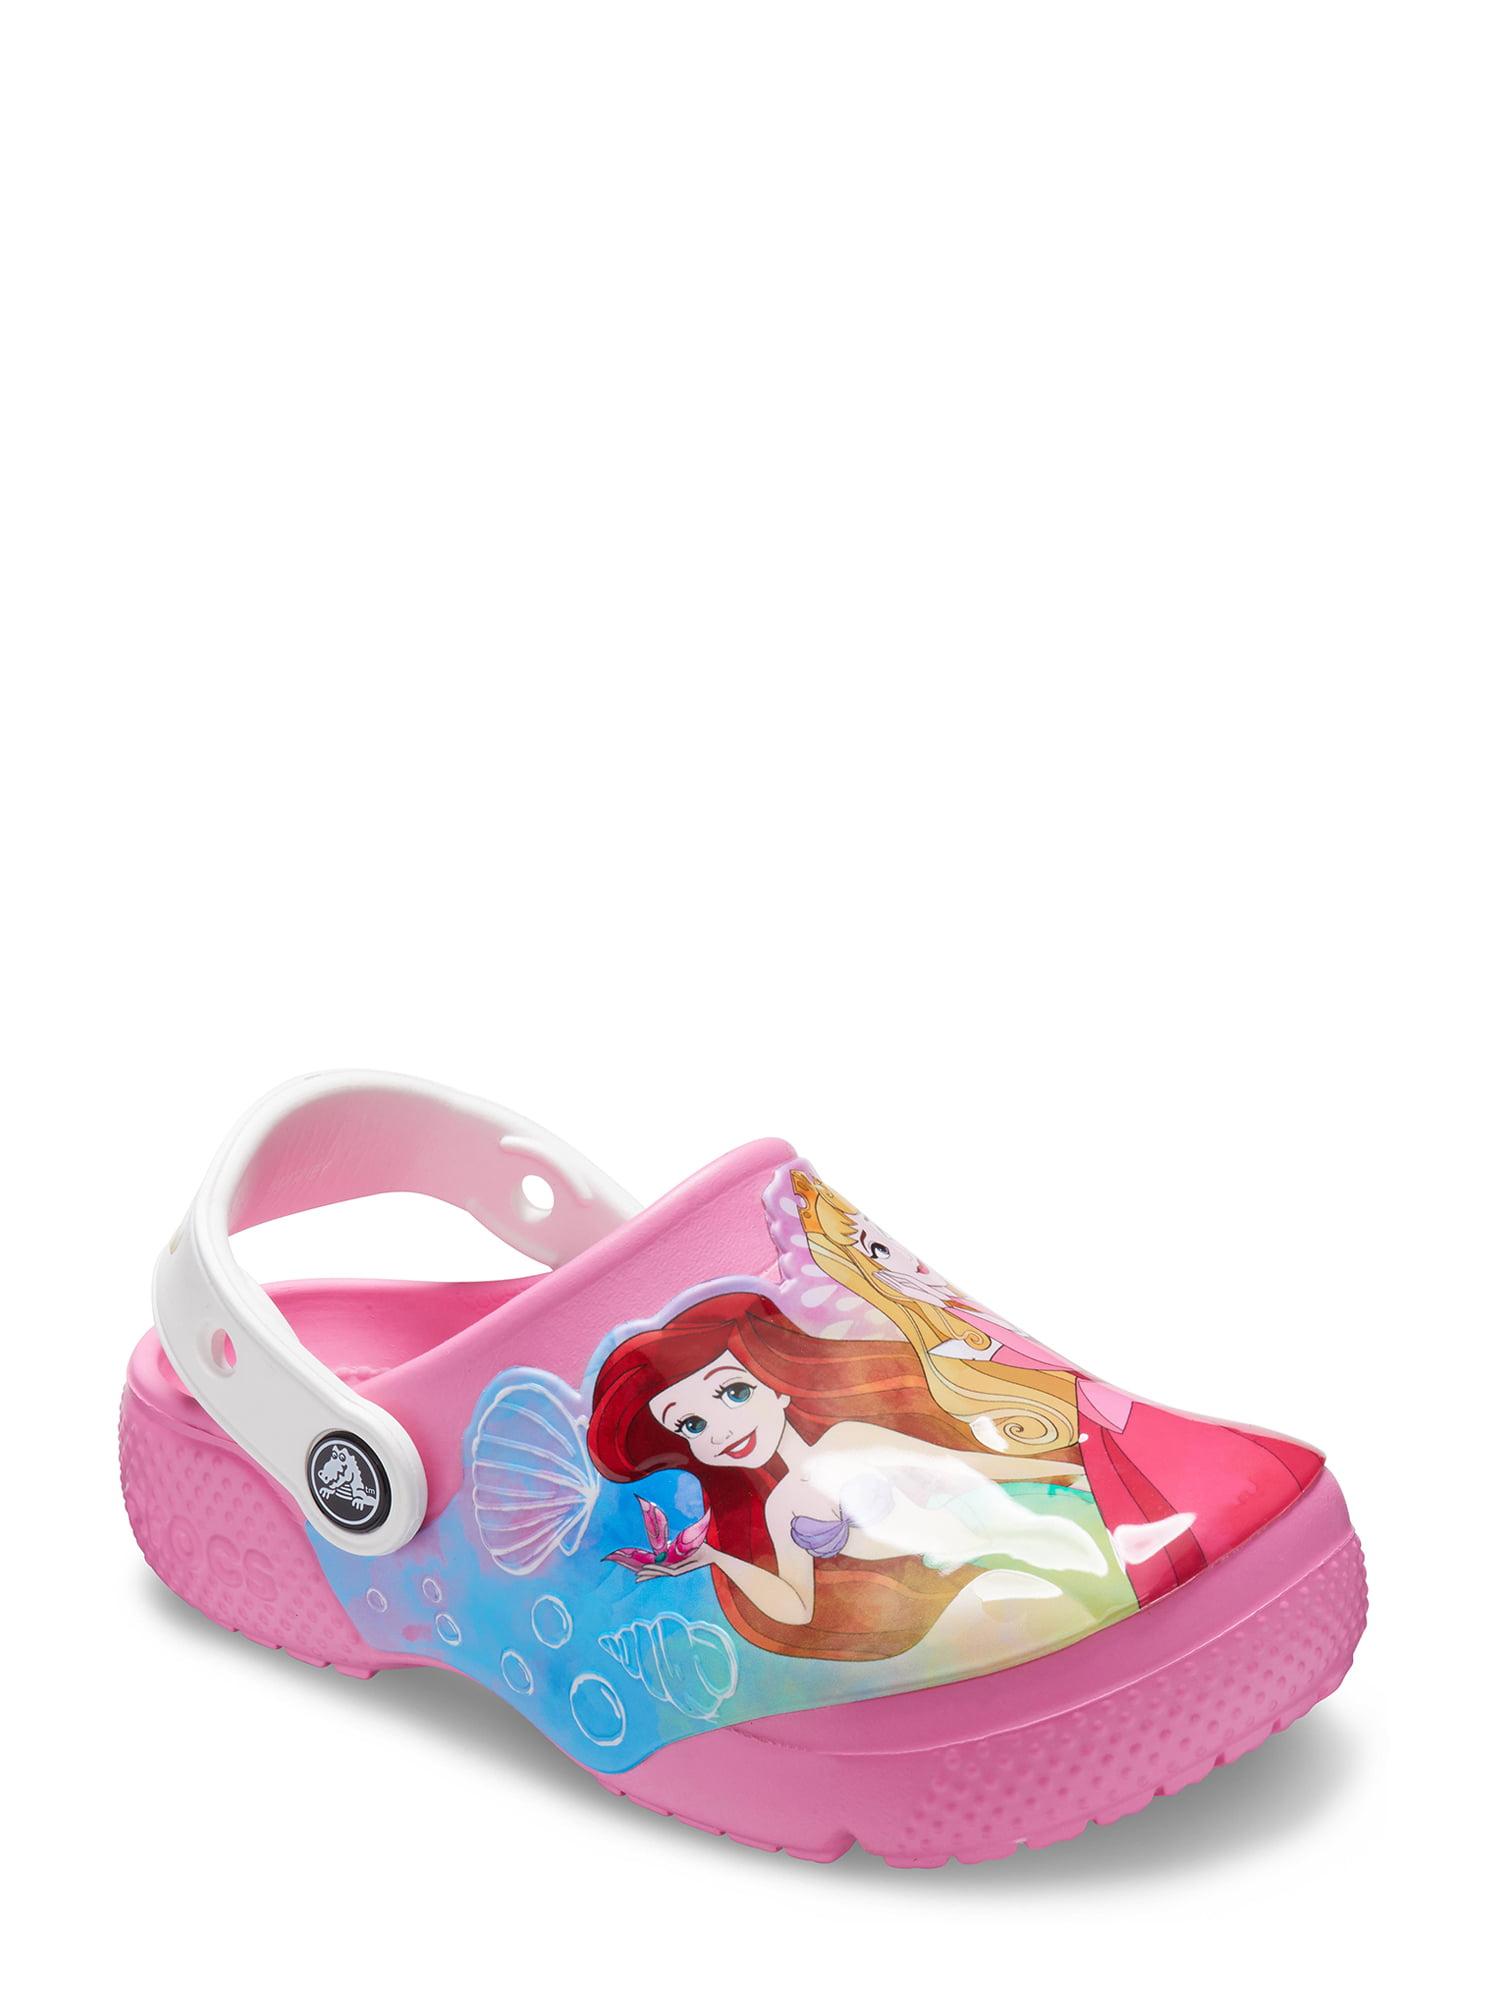 Slip-on Princess Shoes for Toddler Girls CROC Kids Disney Clog